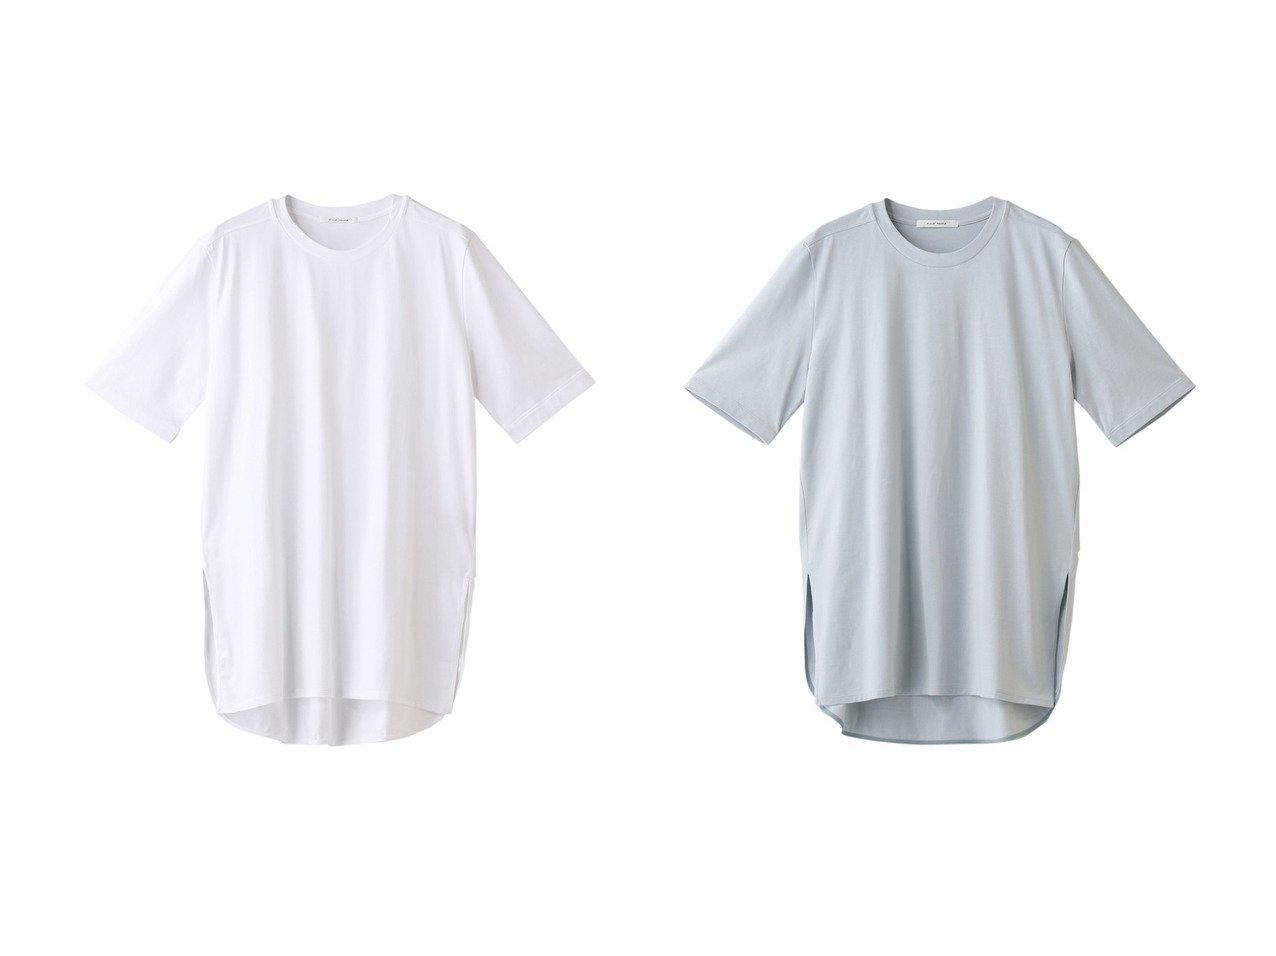 【PLAIN PEOPLE/プレインピープル】のスピンコットンTシャツ 【トップス・カットソー】おすすめ!人気、トレンド・レディースファッションの通販 おすすめで人気の流行・トレンド、ファッションの通販商品 メンズファッション・キッズファッション・インテリア・家具・レディースファッション・服の通販 founy(ファニー) https://founy.com/ ファッション Fashion レディースファッション WOMEN トップス・カットソー Tops/Tshirt シャツ/ブラウス Shirts/Blouses ロング / Tシャツ T-Shirts カットソー Cut and Sewn ショート シンプル スリーブ ベーシック ロング |ID:crp329100000035580